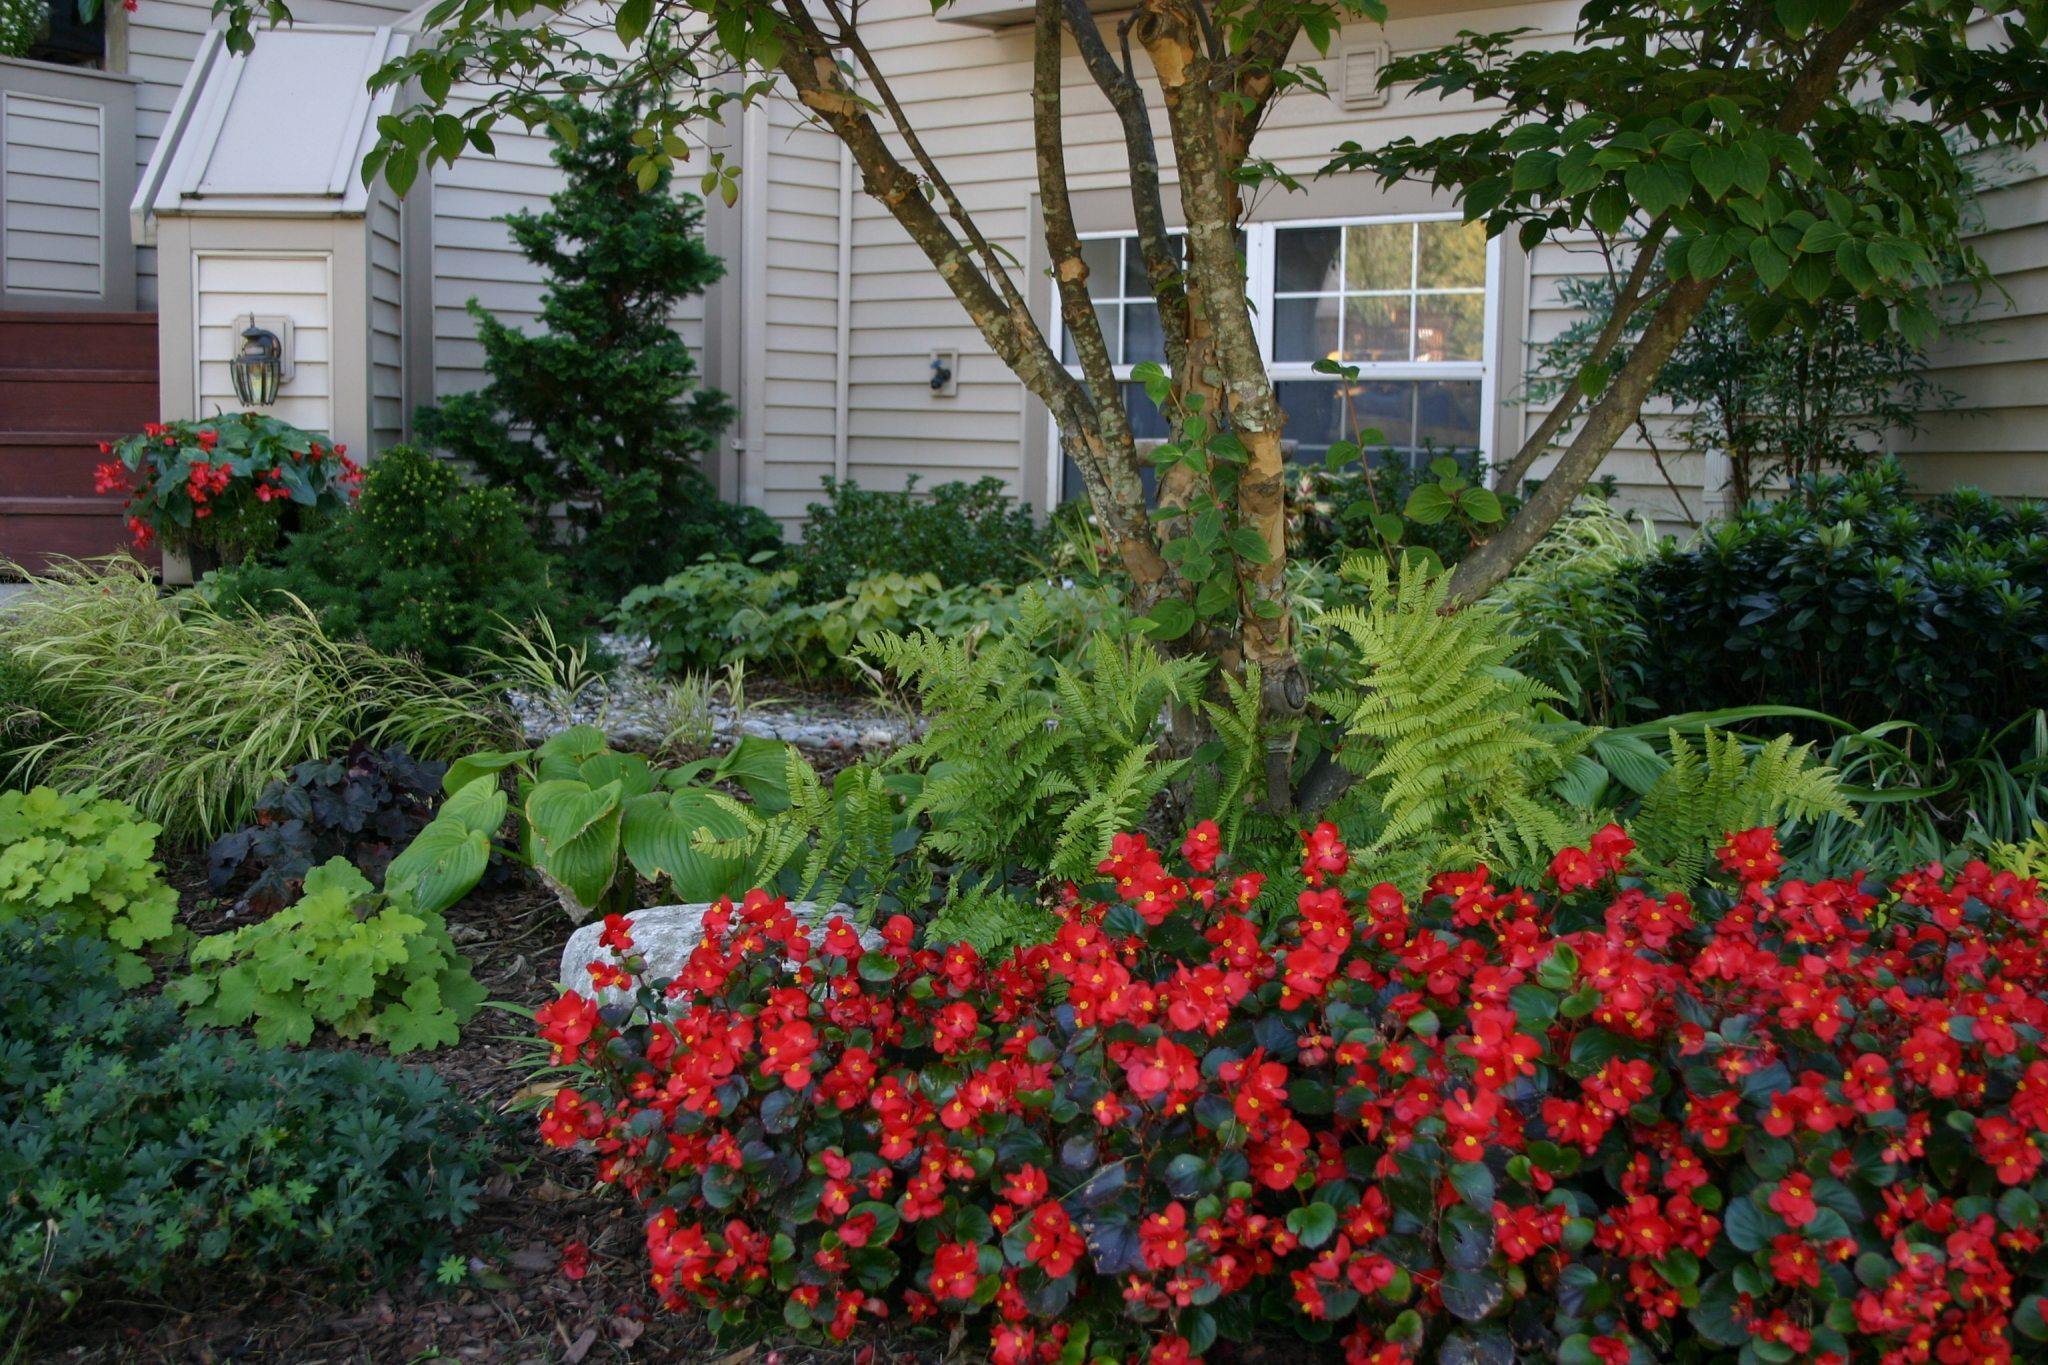 Haga que los jardines de sombra brillen con colorido Coleus